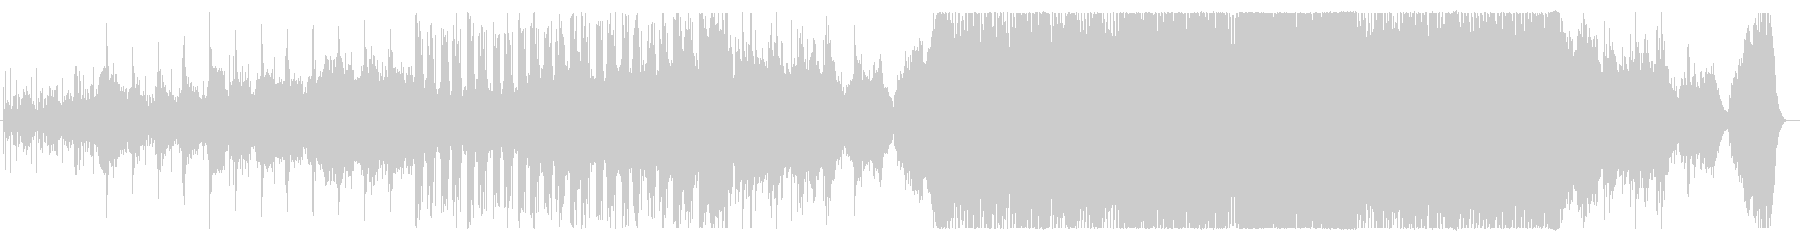 現代的なハイブリッドオーケストラサウンドの未再生の波形